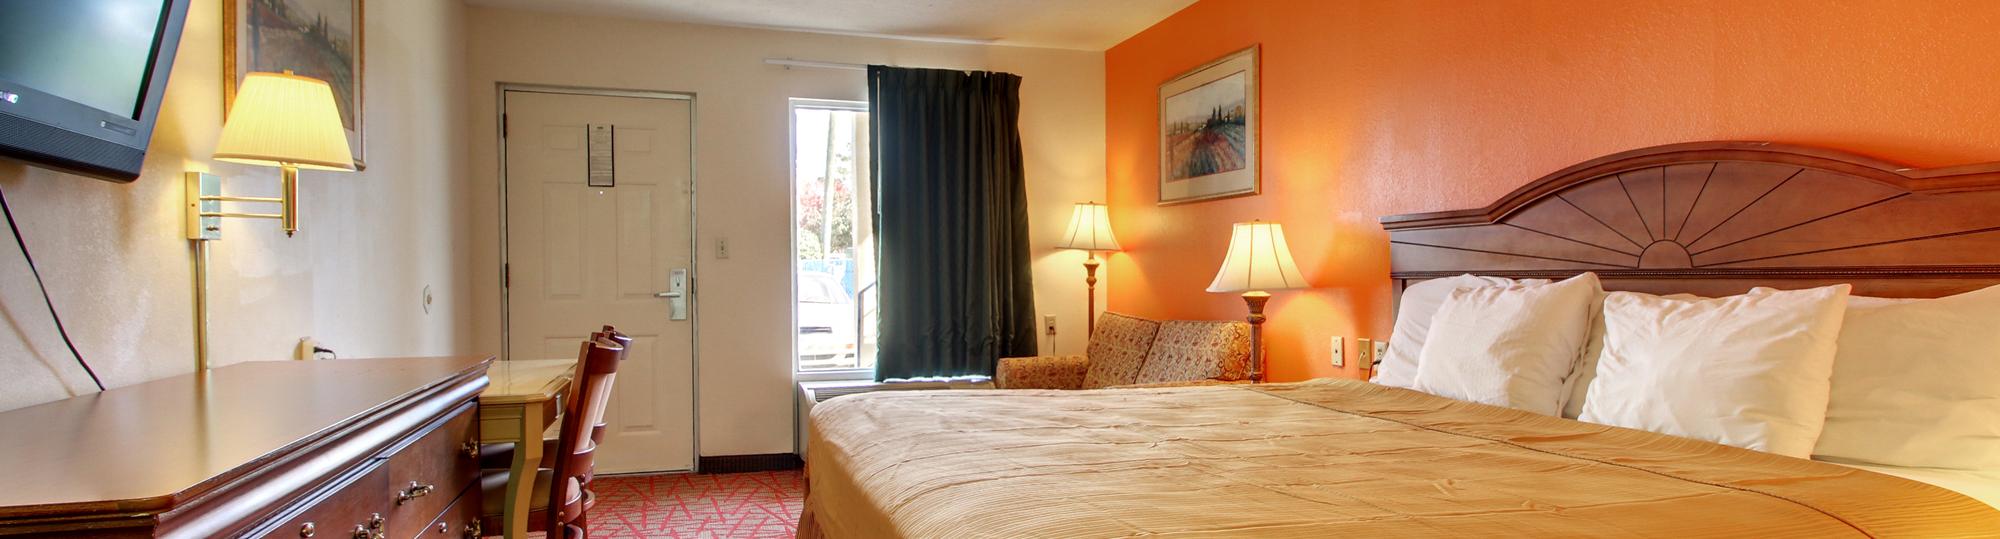 Key West Inn Oxford